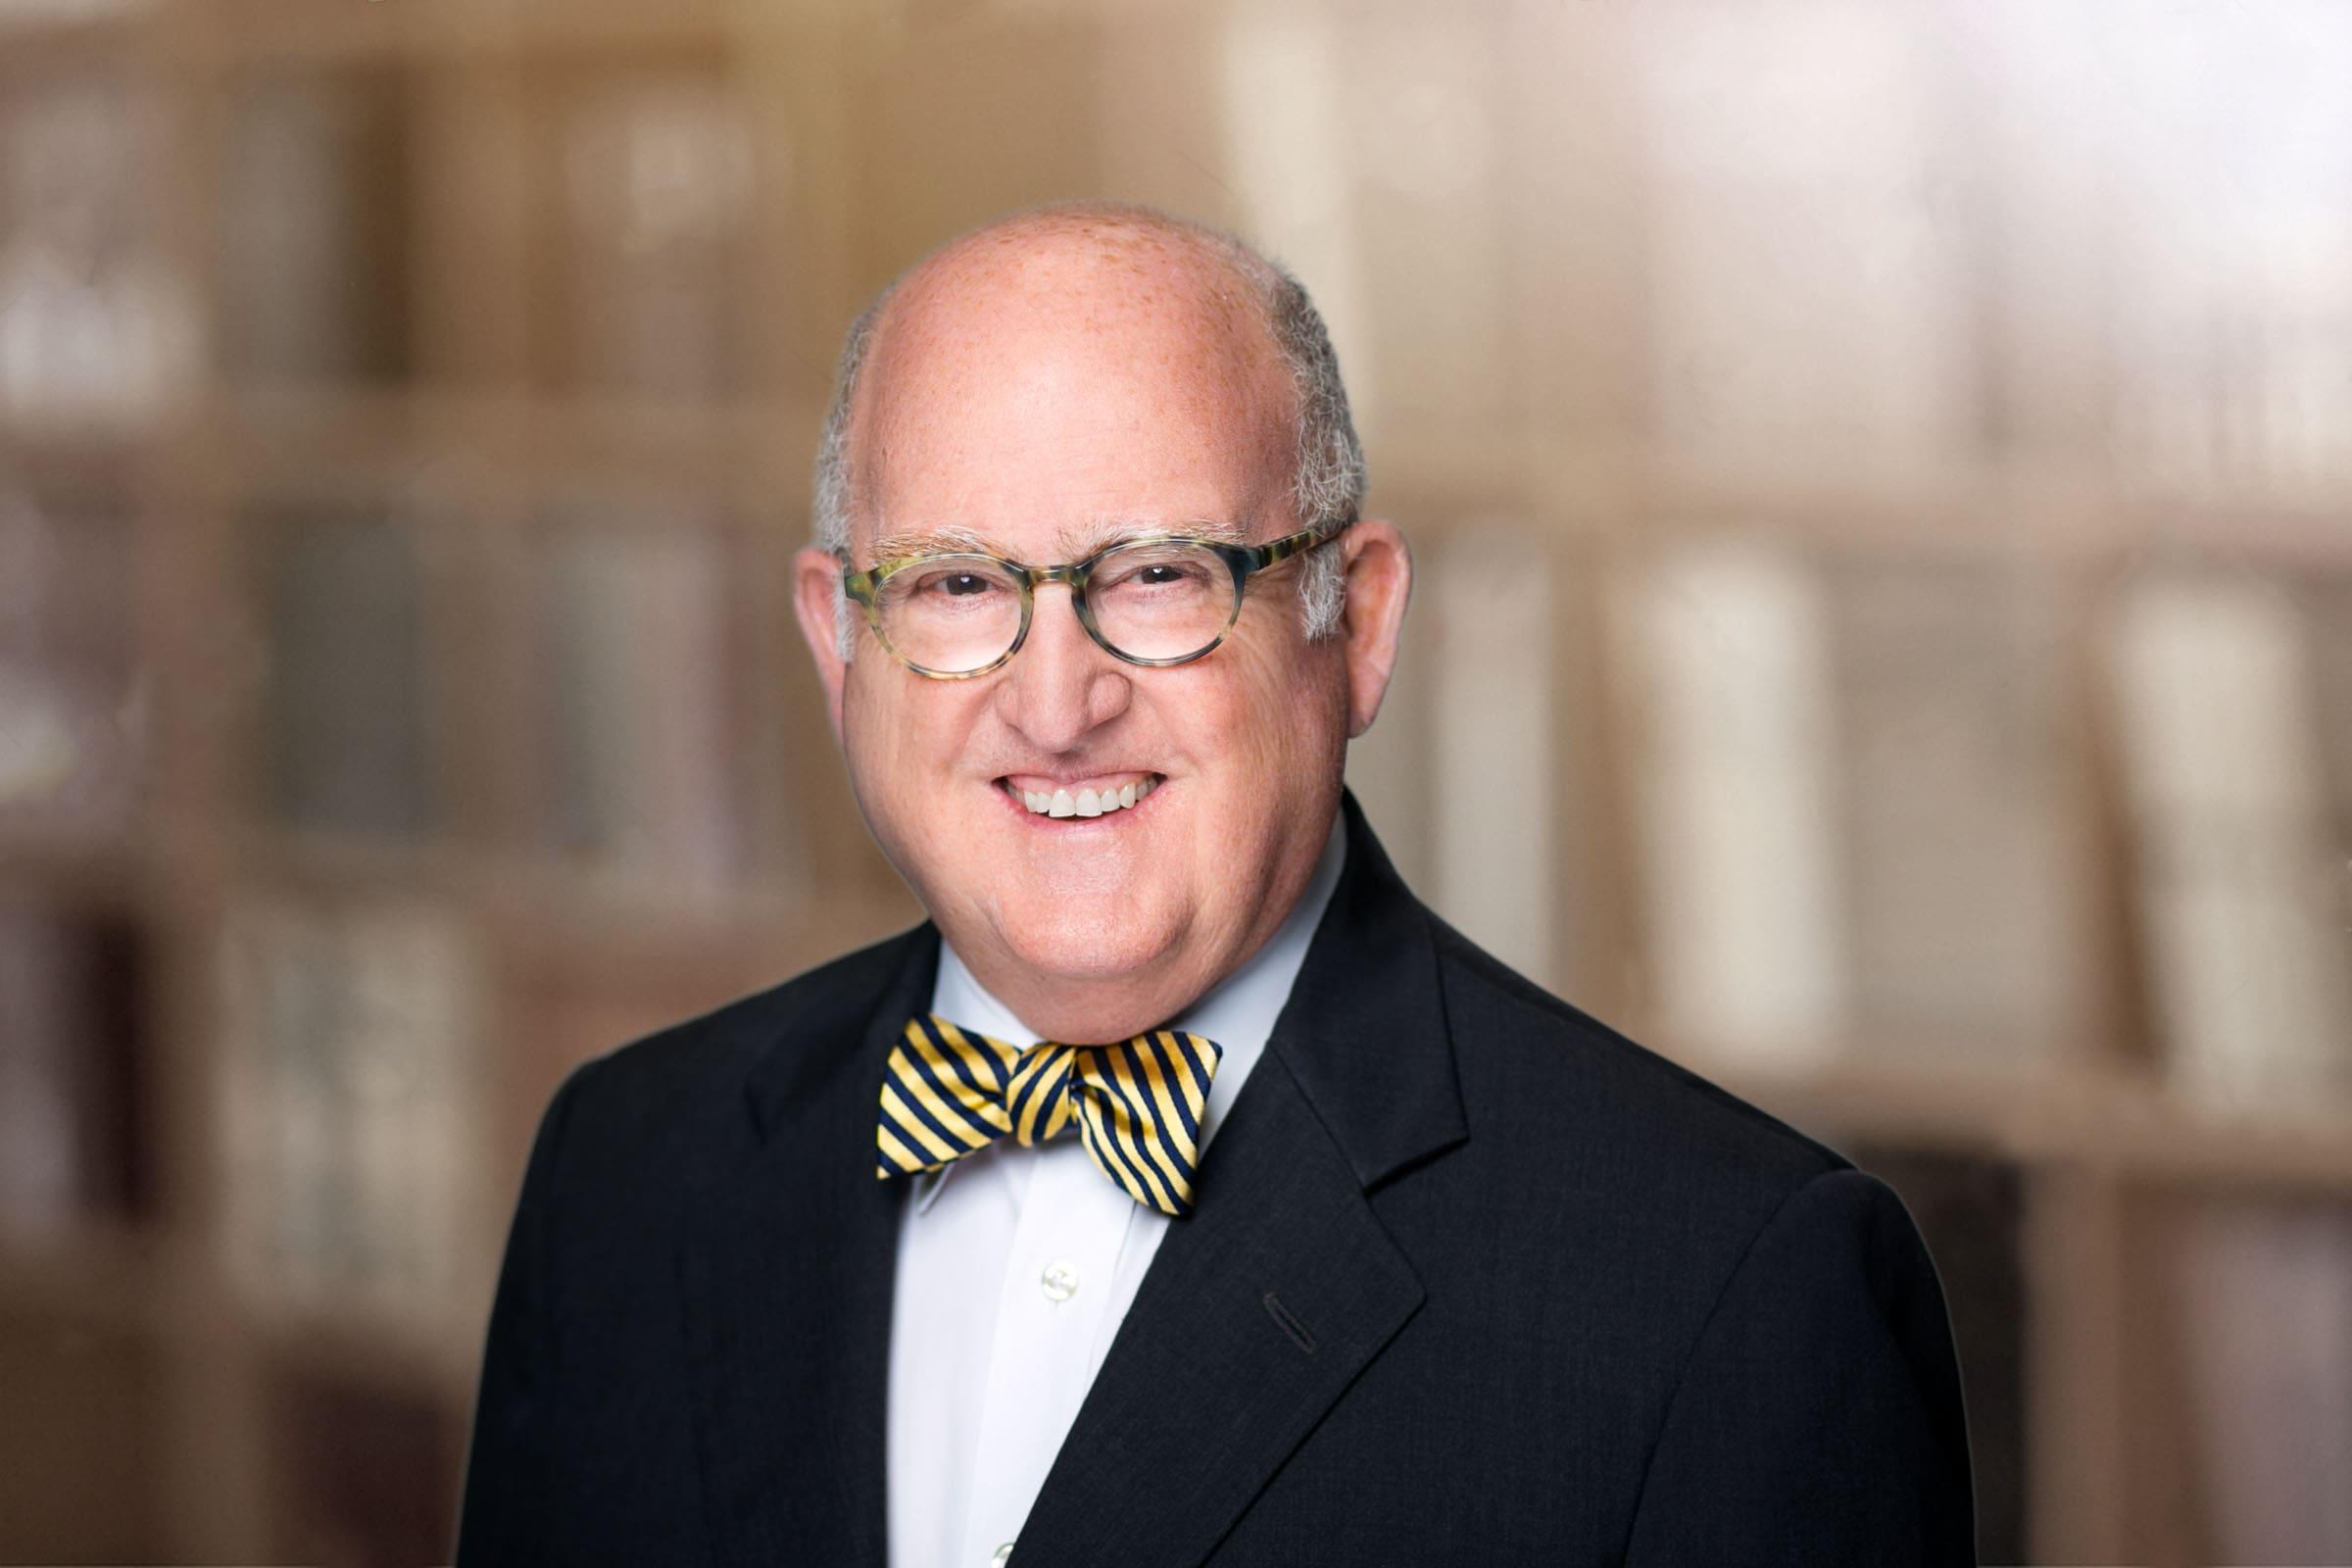 Dr. Stephen Benold